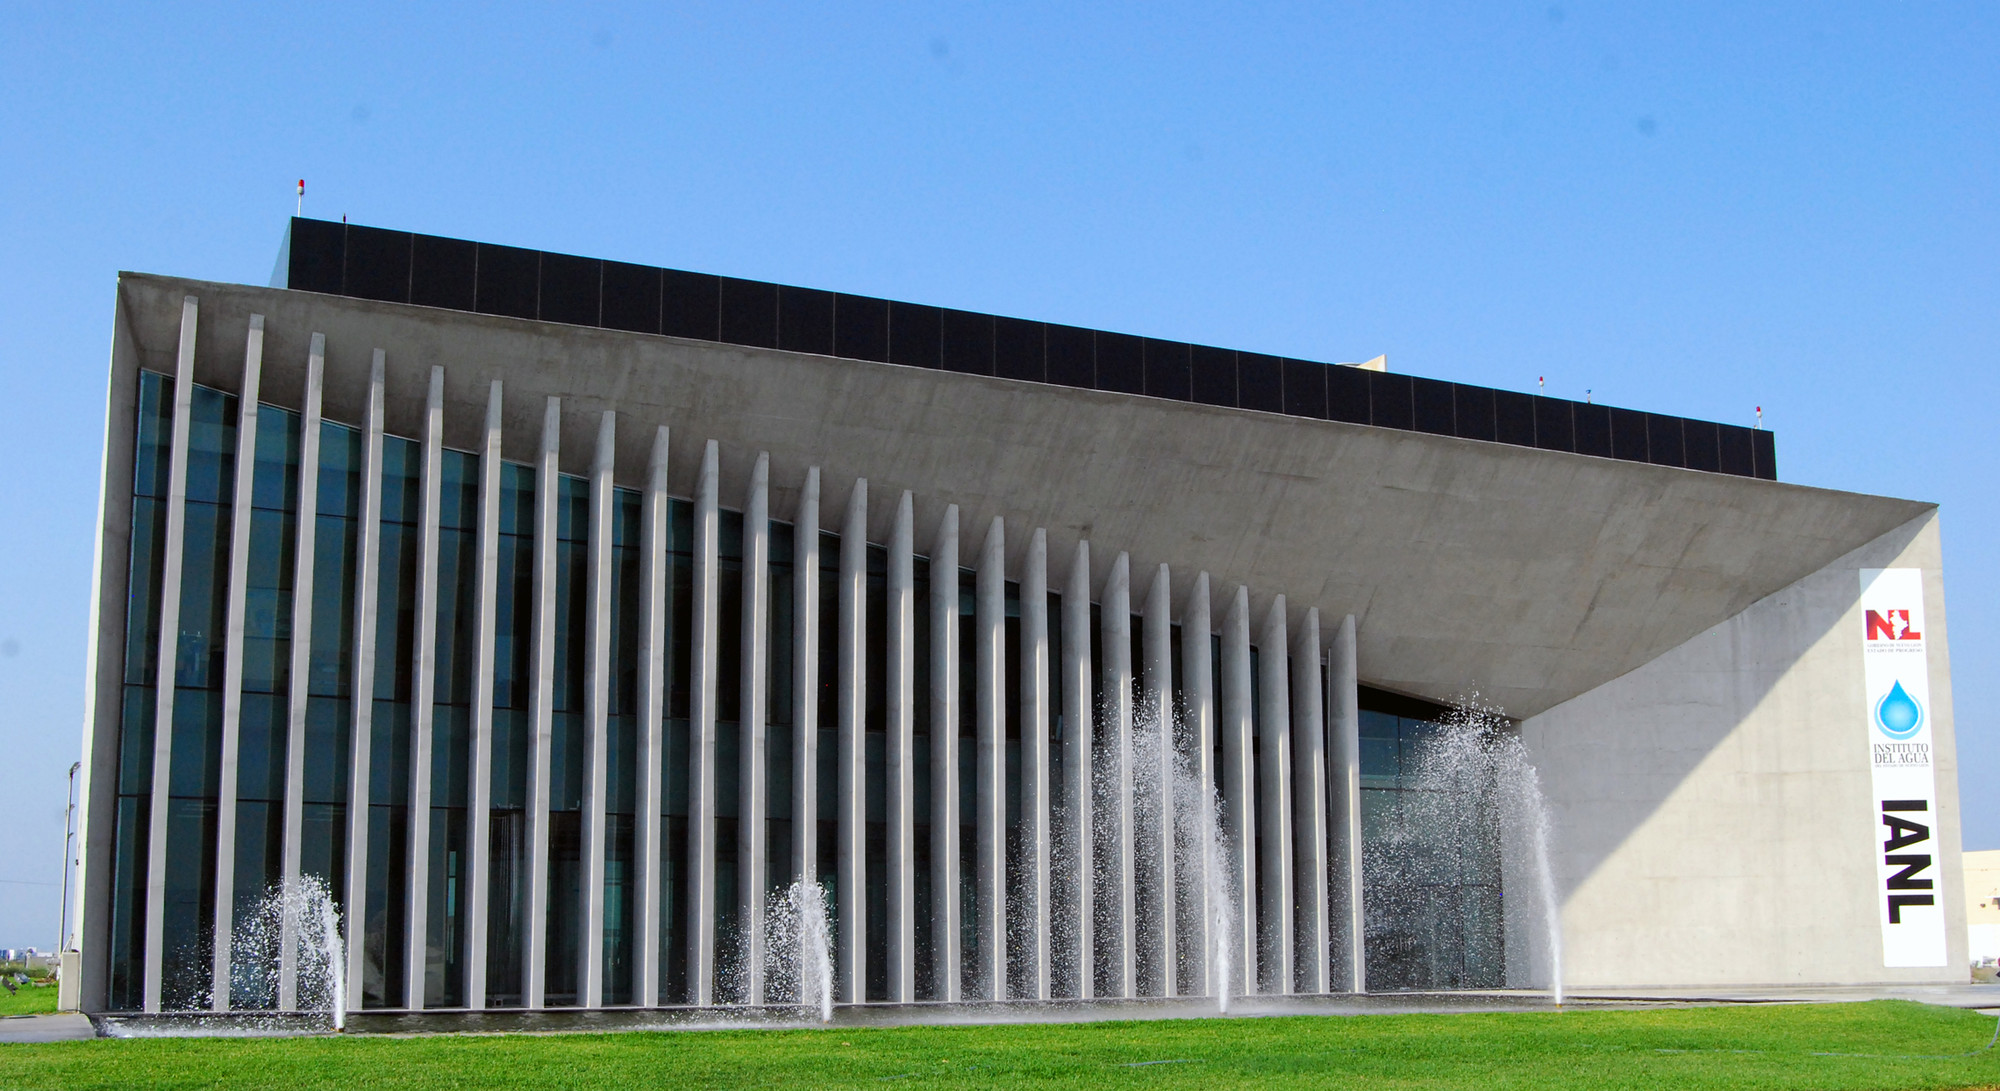 Instituto del Agua de Nuevo León / LeNoir & Asoc. Estudio de Arquitectura, © Eduardo Alarcón Ceballos